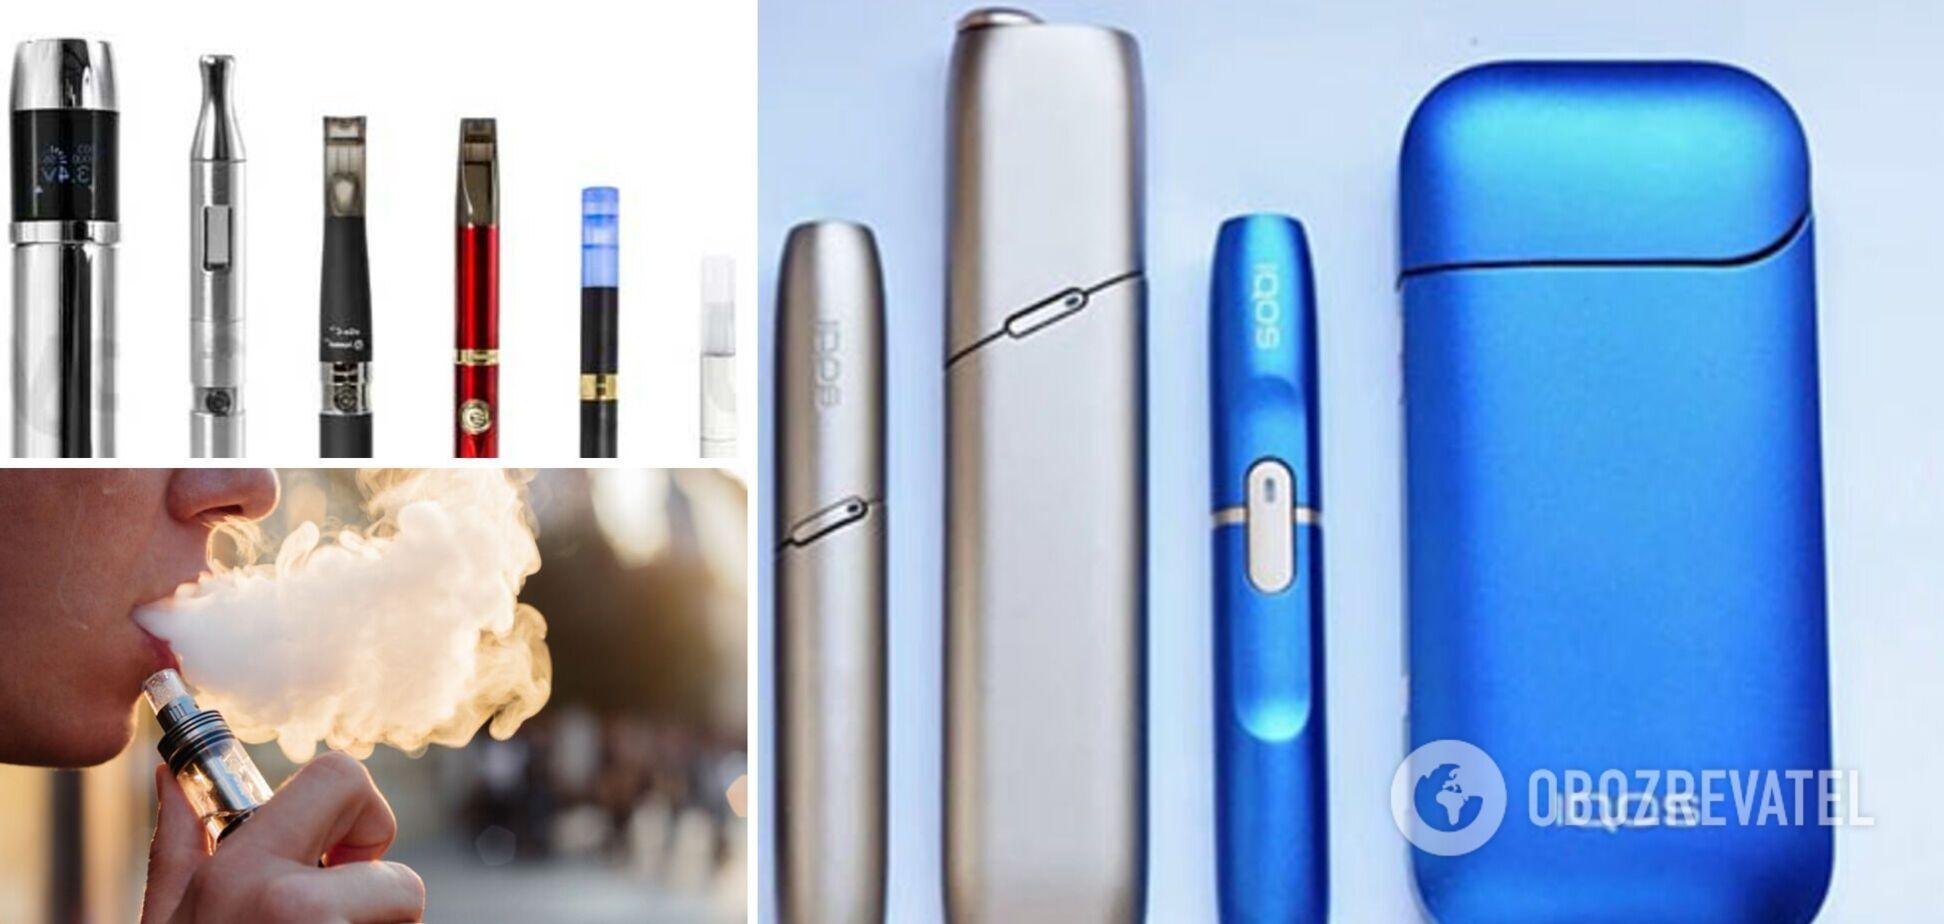 Удар по электронным сигаретам: в Украине запретят любую рекламу гаджетов для курения